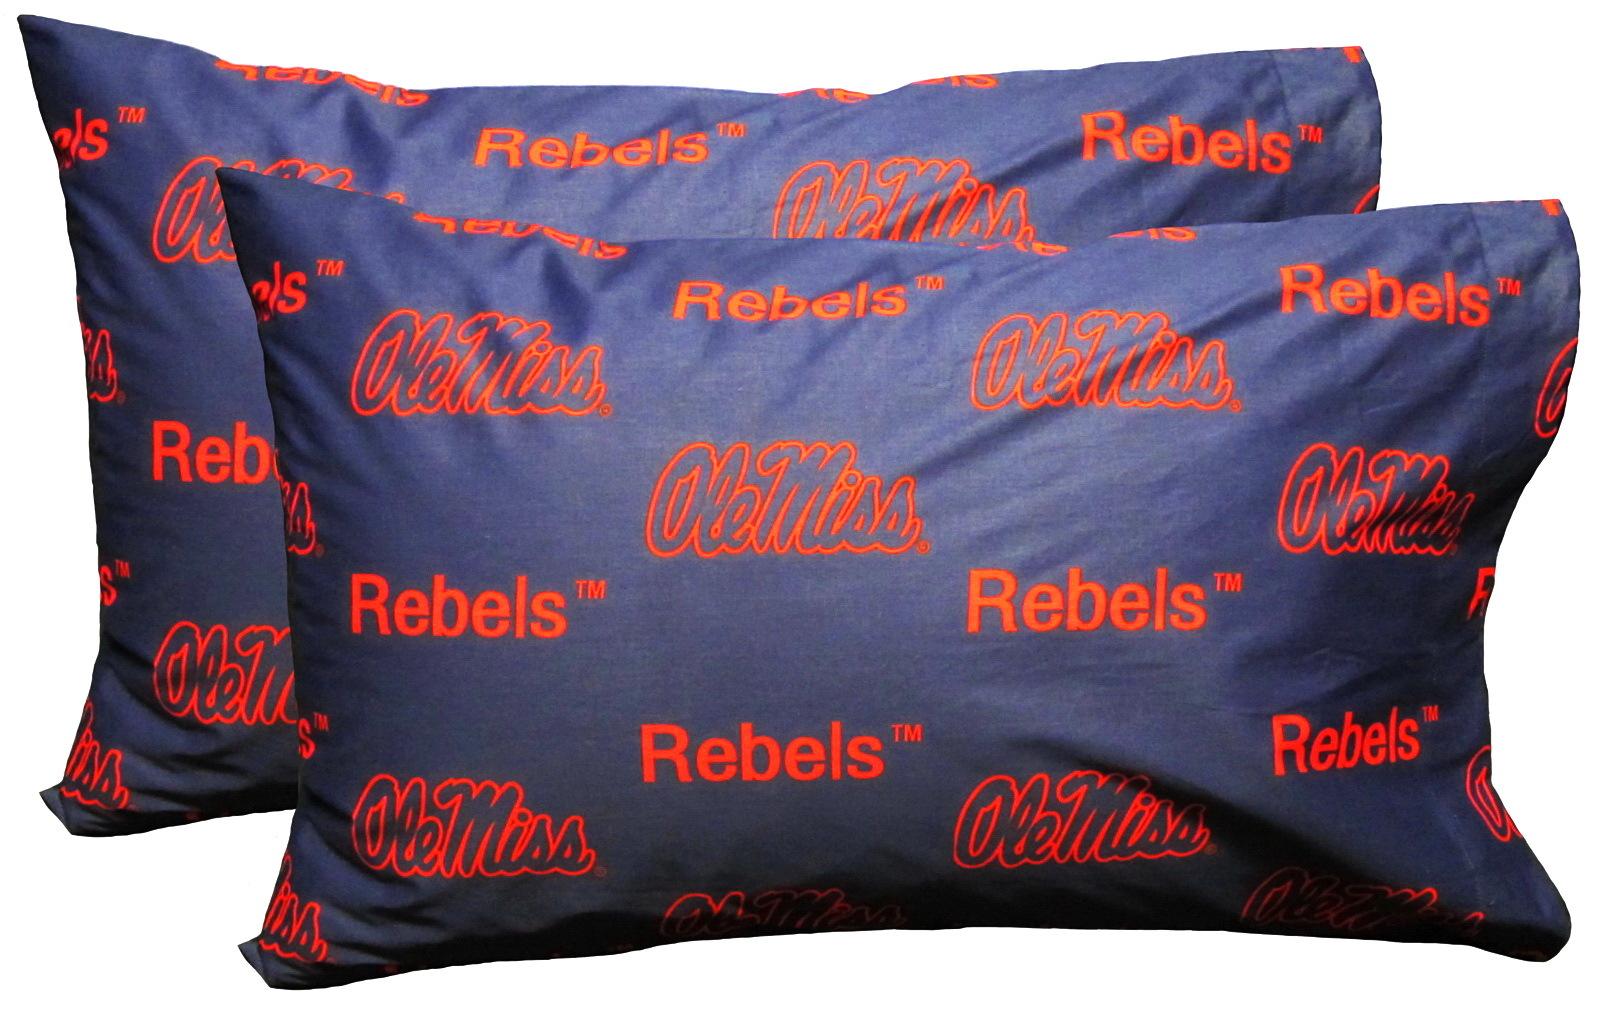 Mississippi Rebels Full Sheet Set Cotton Team Color Ole Miss